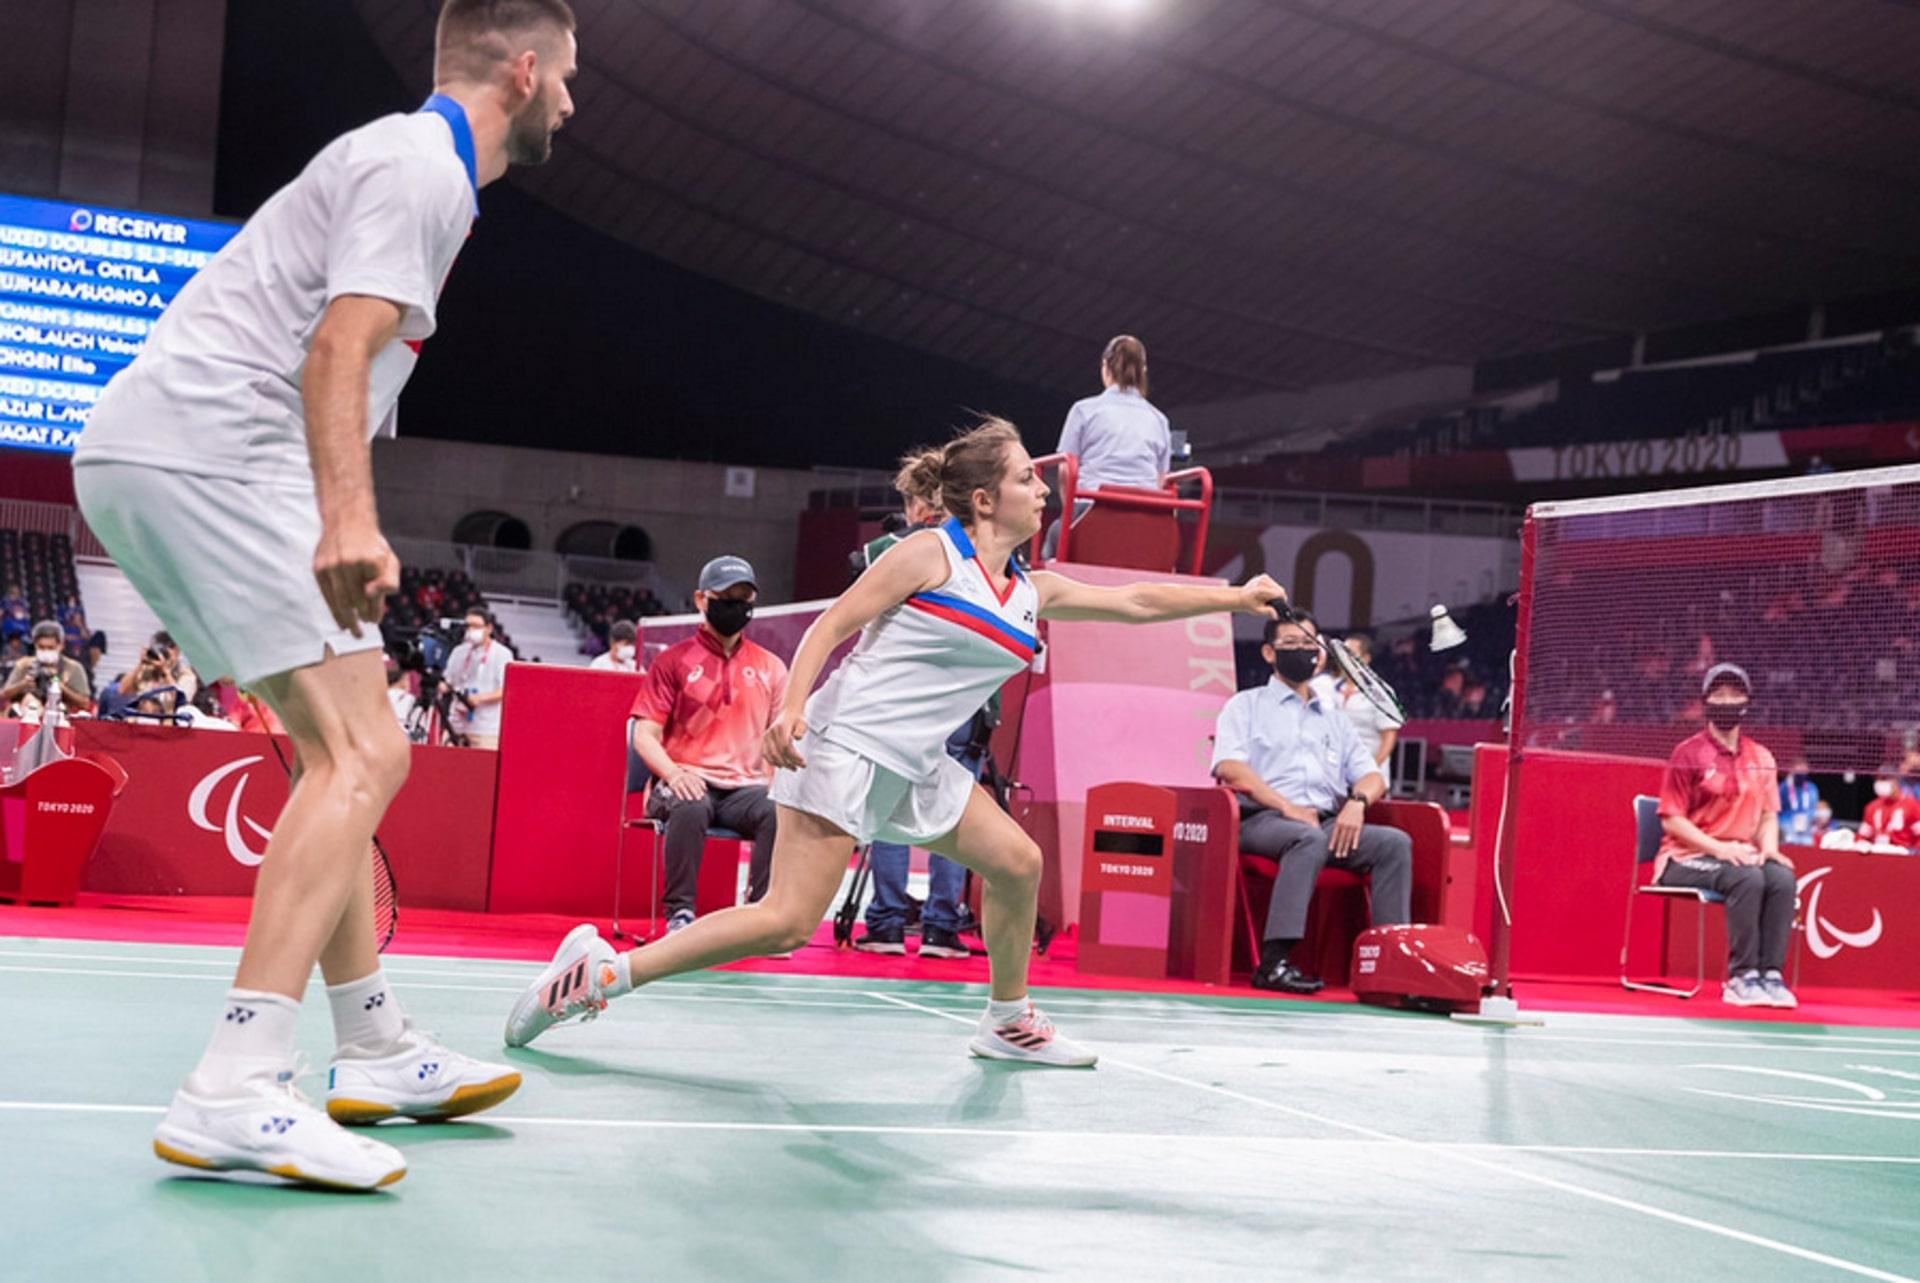 Première victorieuse pour le parabadminton français aux Jeux paralympiques.